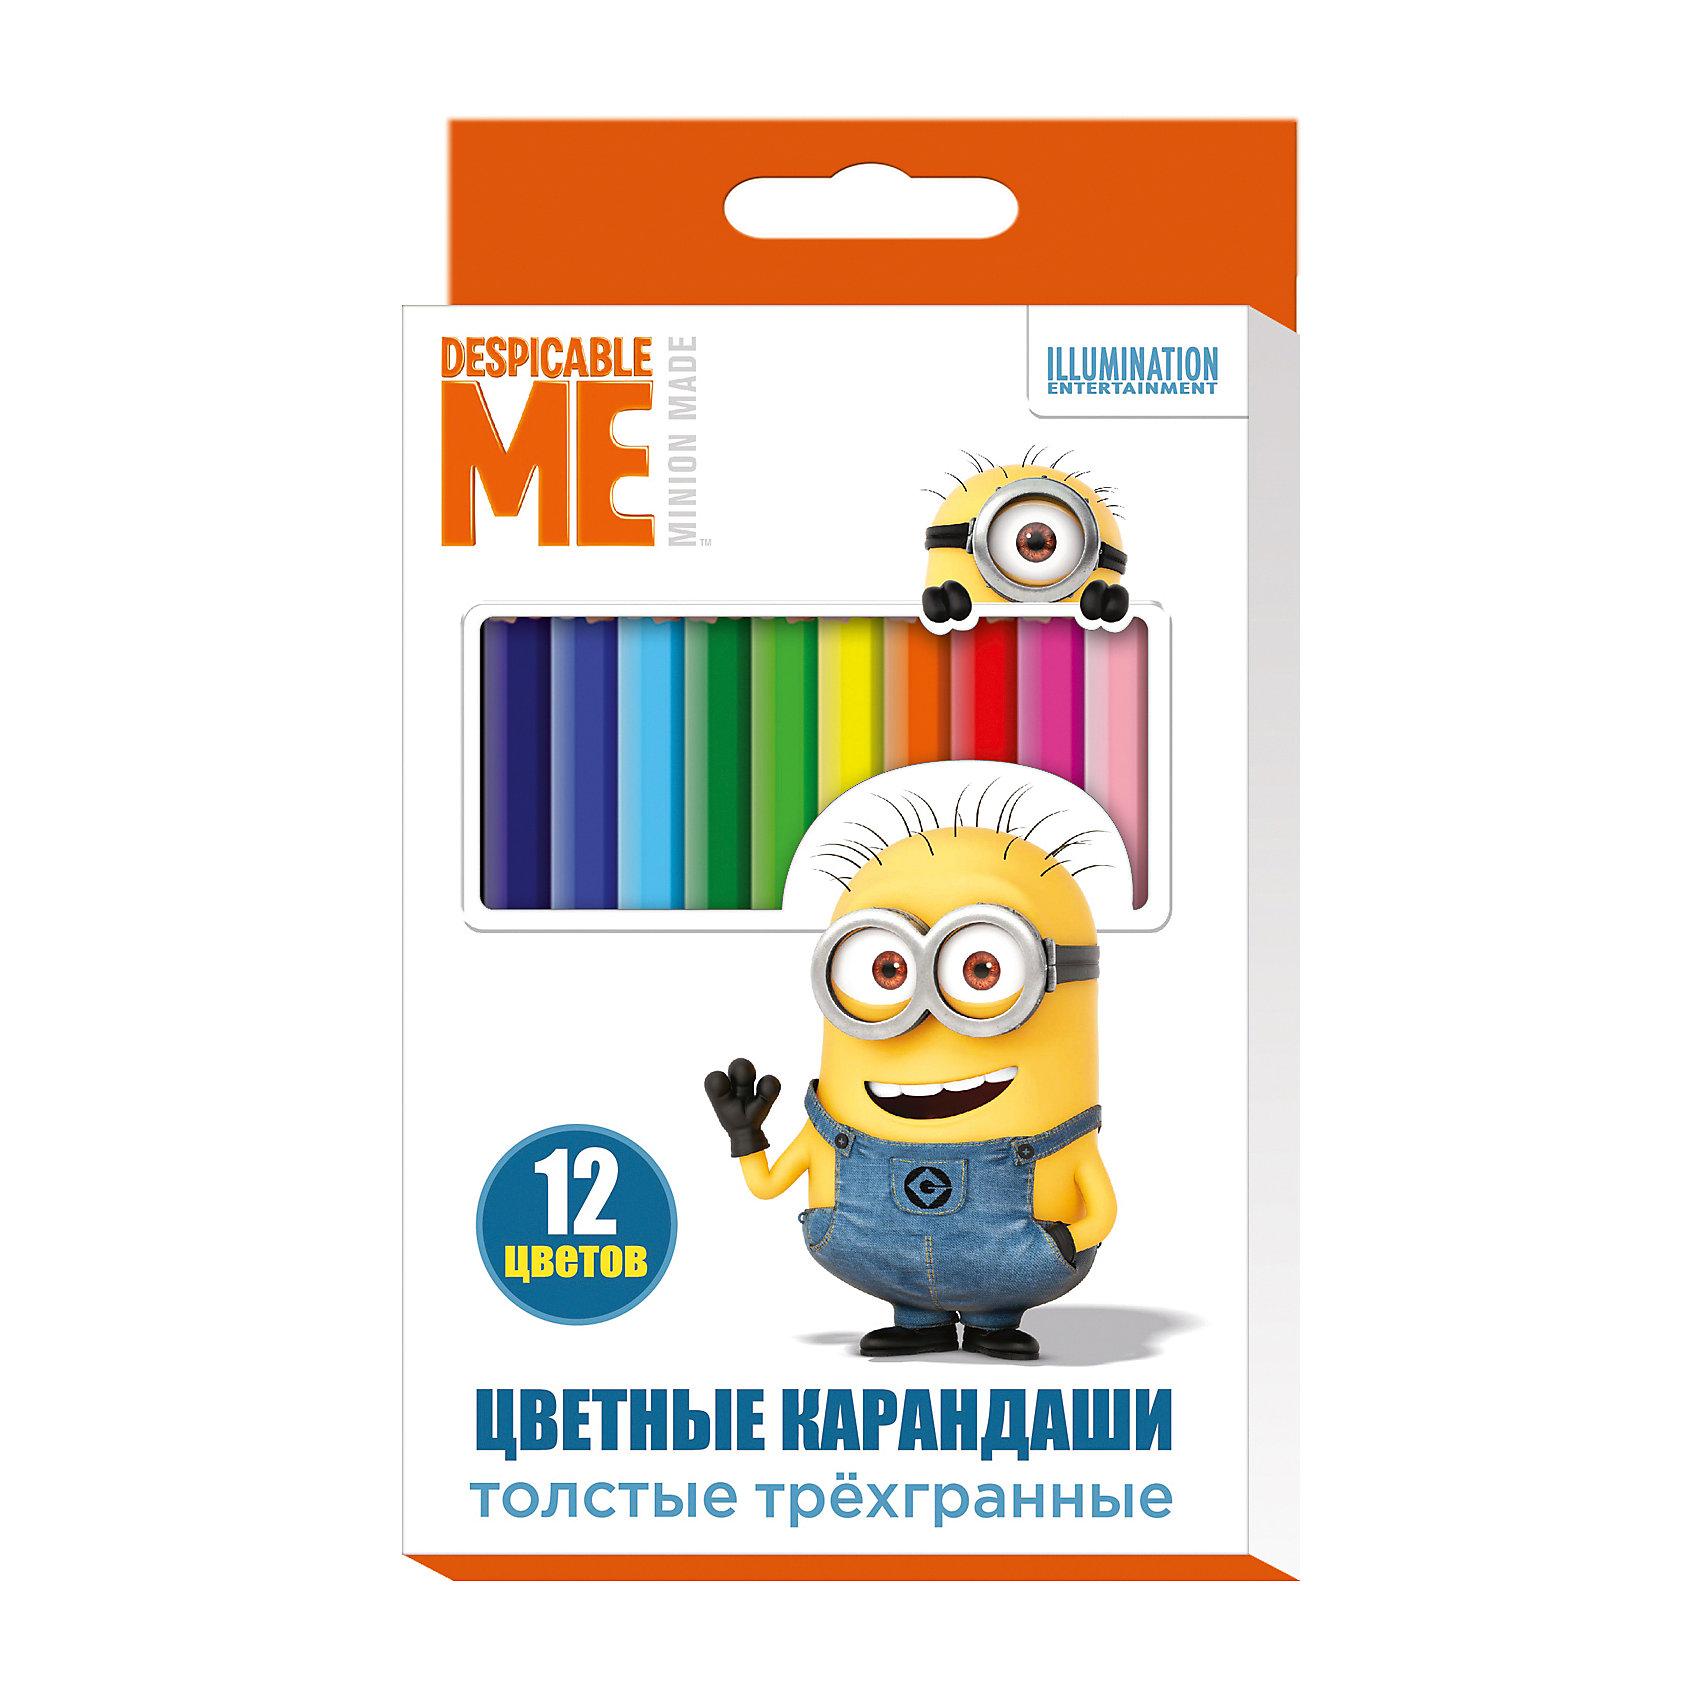 Цветные карандаши, 12 цв., МиньоныМиньоны Товары для школы<br>Цветные карандаши - необходимый инструмент для детского творчества и школьных занятий. Карандаши, Миньоны, идеально подходят для рисования, письма и раскрашивания. Карандаши разработаны специально для малышей: благодаря утолщенному трехгранному корпусу и<br>эргономичной форме, они особенно удобны для детской руки, поэтому ребенок может рисовать без усталости и правильно держать карандаш, формируя навыки правильного письма. Изготовлены из высококачественной древесины, легко затачиваются, имеют прочный грифель, который не ломается при заточке. Набор из 12 карандашей оформлен в нарядную картонную коробку с изображением забавного миньона из популярного мультфильма Гадкий Я.<br><br><br>Дополнительная информация:<br><br>- В комплекте: 12 карандашей.<br>- Материал: дерево, грифель.<br>- Толщина грифеля: 0,4 см.<br>- Размер одного карандаша: 17,5 х 1,1 см.<br>- Размер упаковки: 18 х 1 х 11,2 см.<br>- Вес: 137 гр.<br><br>Цветные карандаши, 12 цв., Миньоны, можно купить в нашем интернет-магазине.<br><br>Ширина мм: 180<br>Глубина мм: 112<br>Высота мм: 10<br>Вес г: 137<br>Возраст от месяцев: 36<br>Возраст до месяцев: 120<br>Пол: Унисекс<br>Возраст: Детский<br>SKU: 4774832